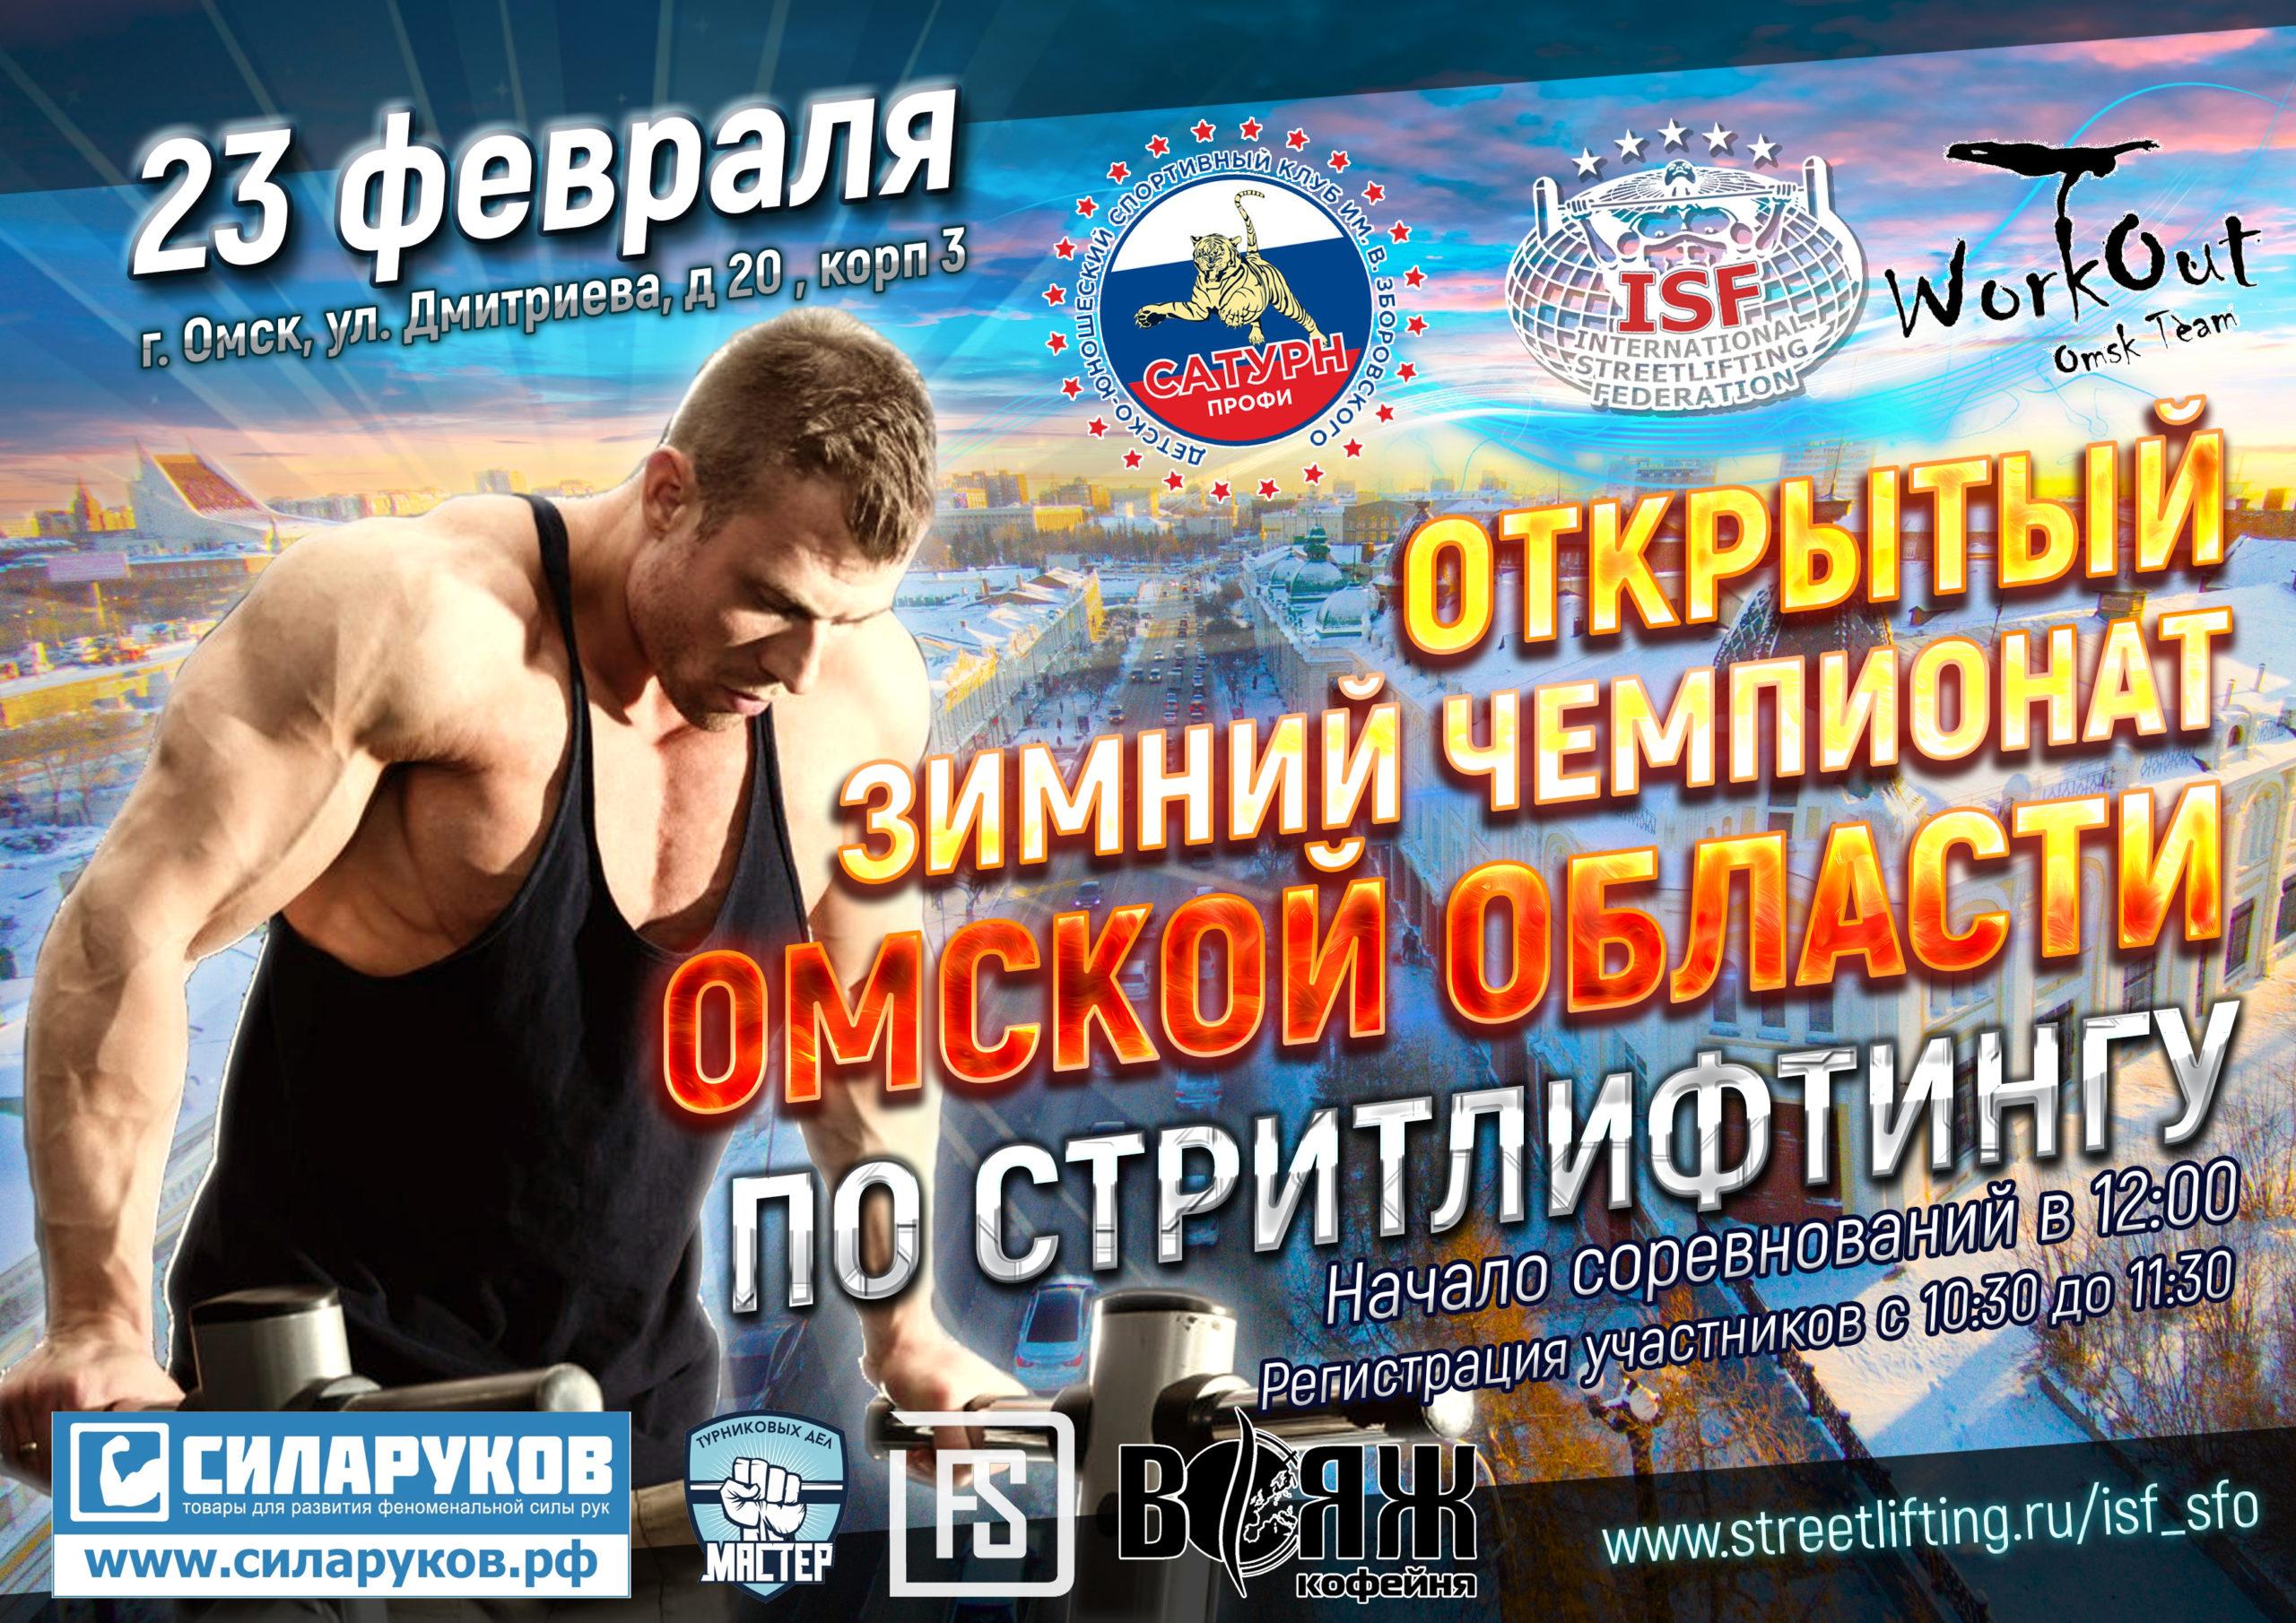 23 февраля 2020 – Открытый зимний чемпионат Омской области, г. Омск